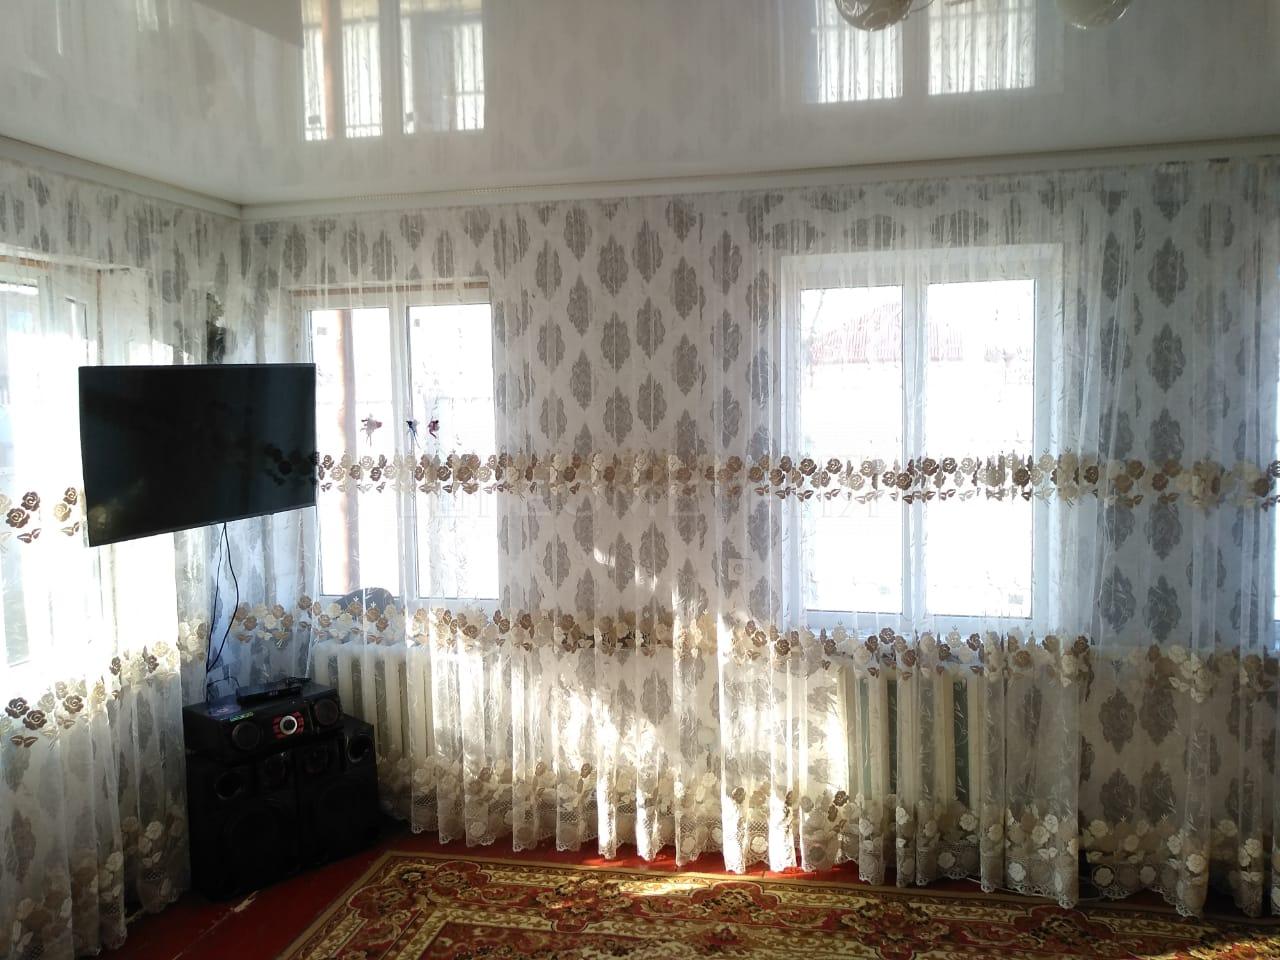 Продам дом по адресу Россия, Краснодарский край, Динской район, Новотитаровская фото 0 по выгодной цене